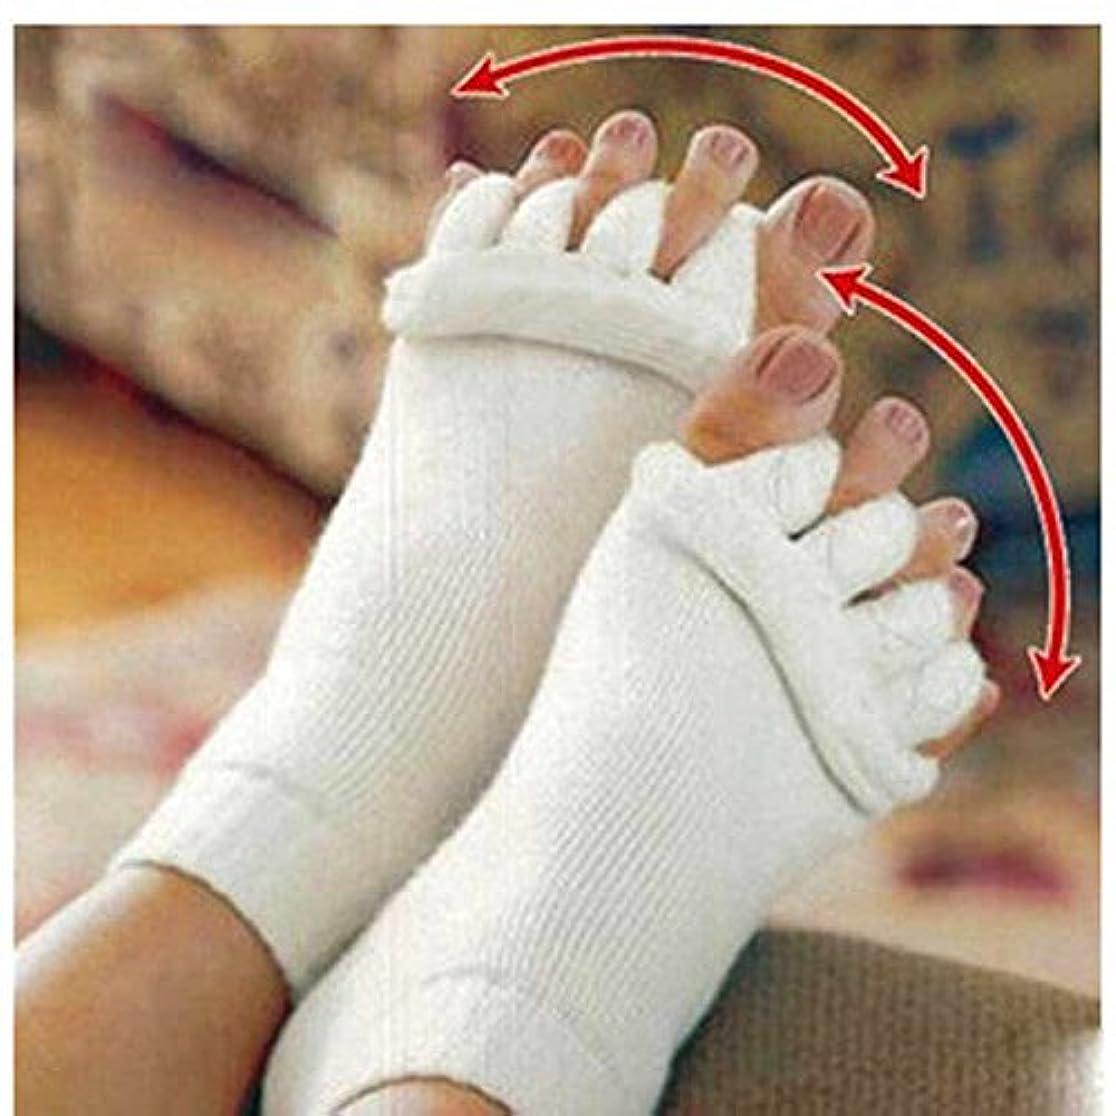 びん葉っぱ嘆くLorny(TM) 2個マッサージファイブつま先ソックス指セパレーター骨の親指女性ソックスのためにコレクターの痛みを軽減するソックスペディキュア足セパレーターについて